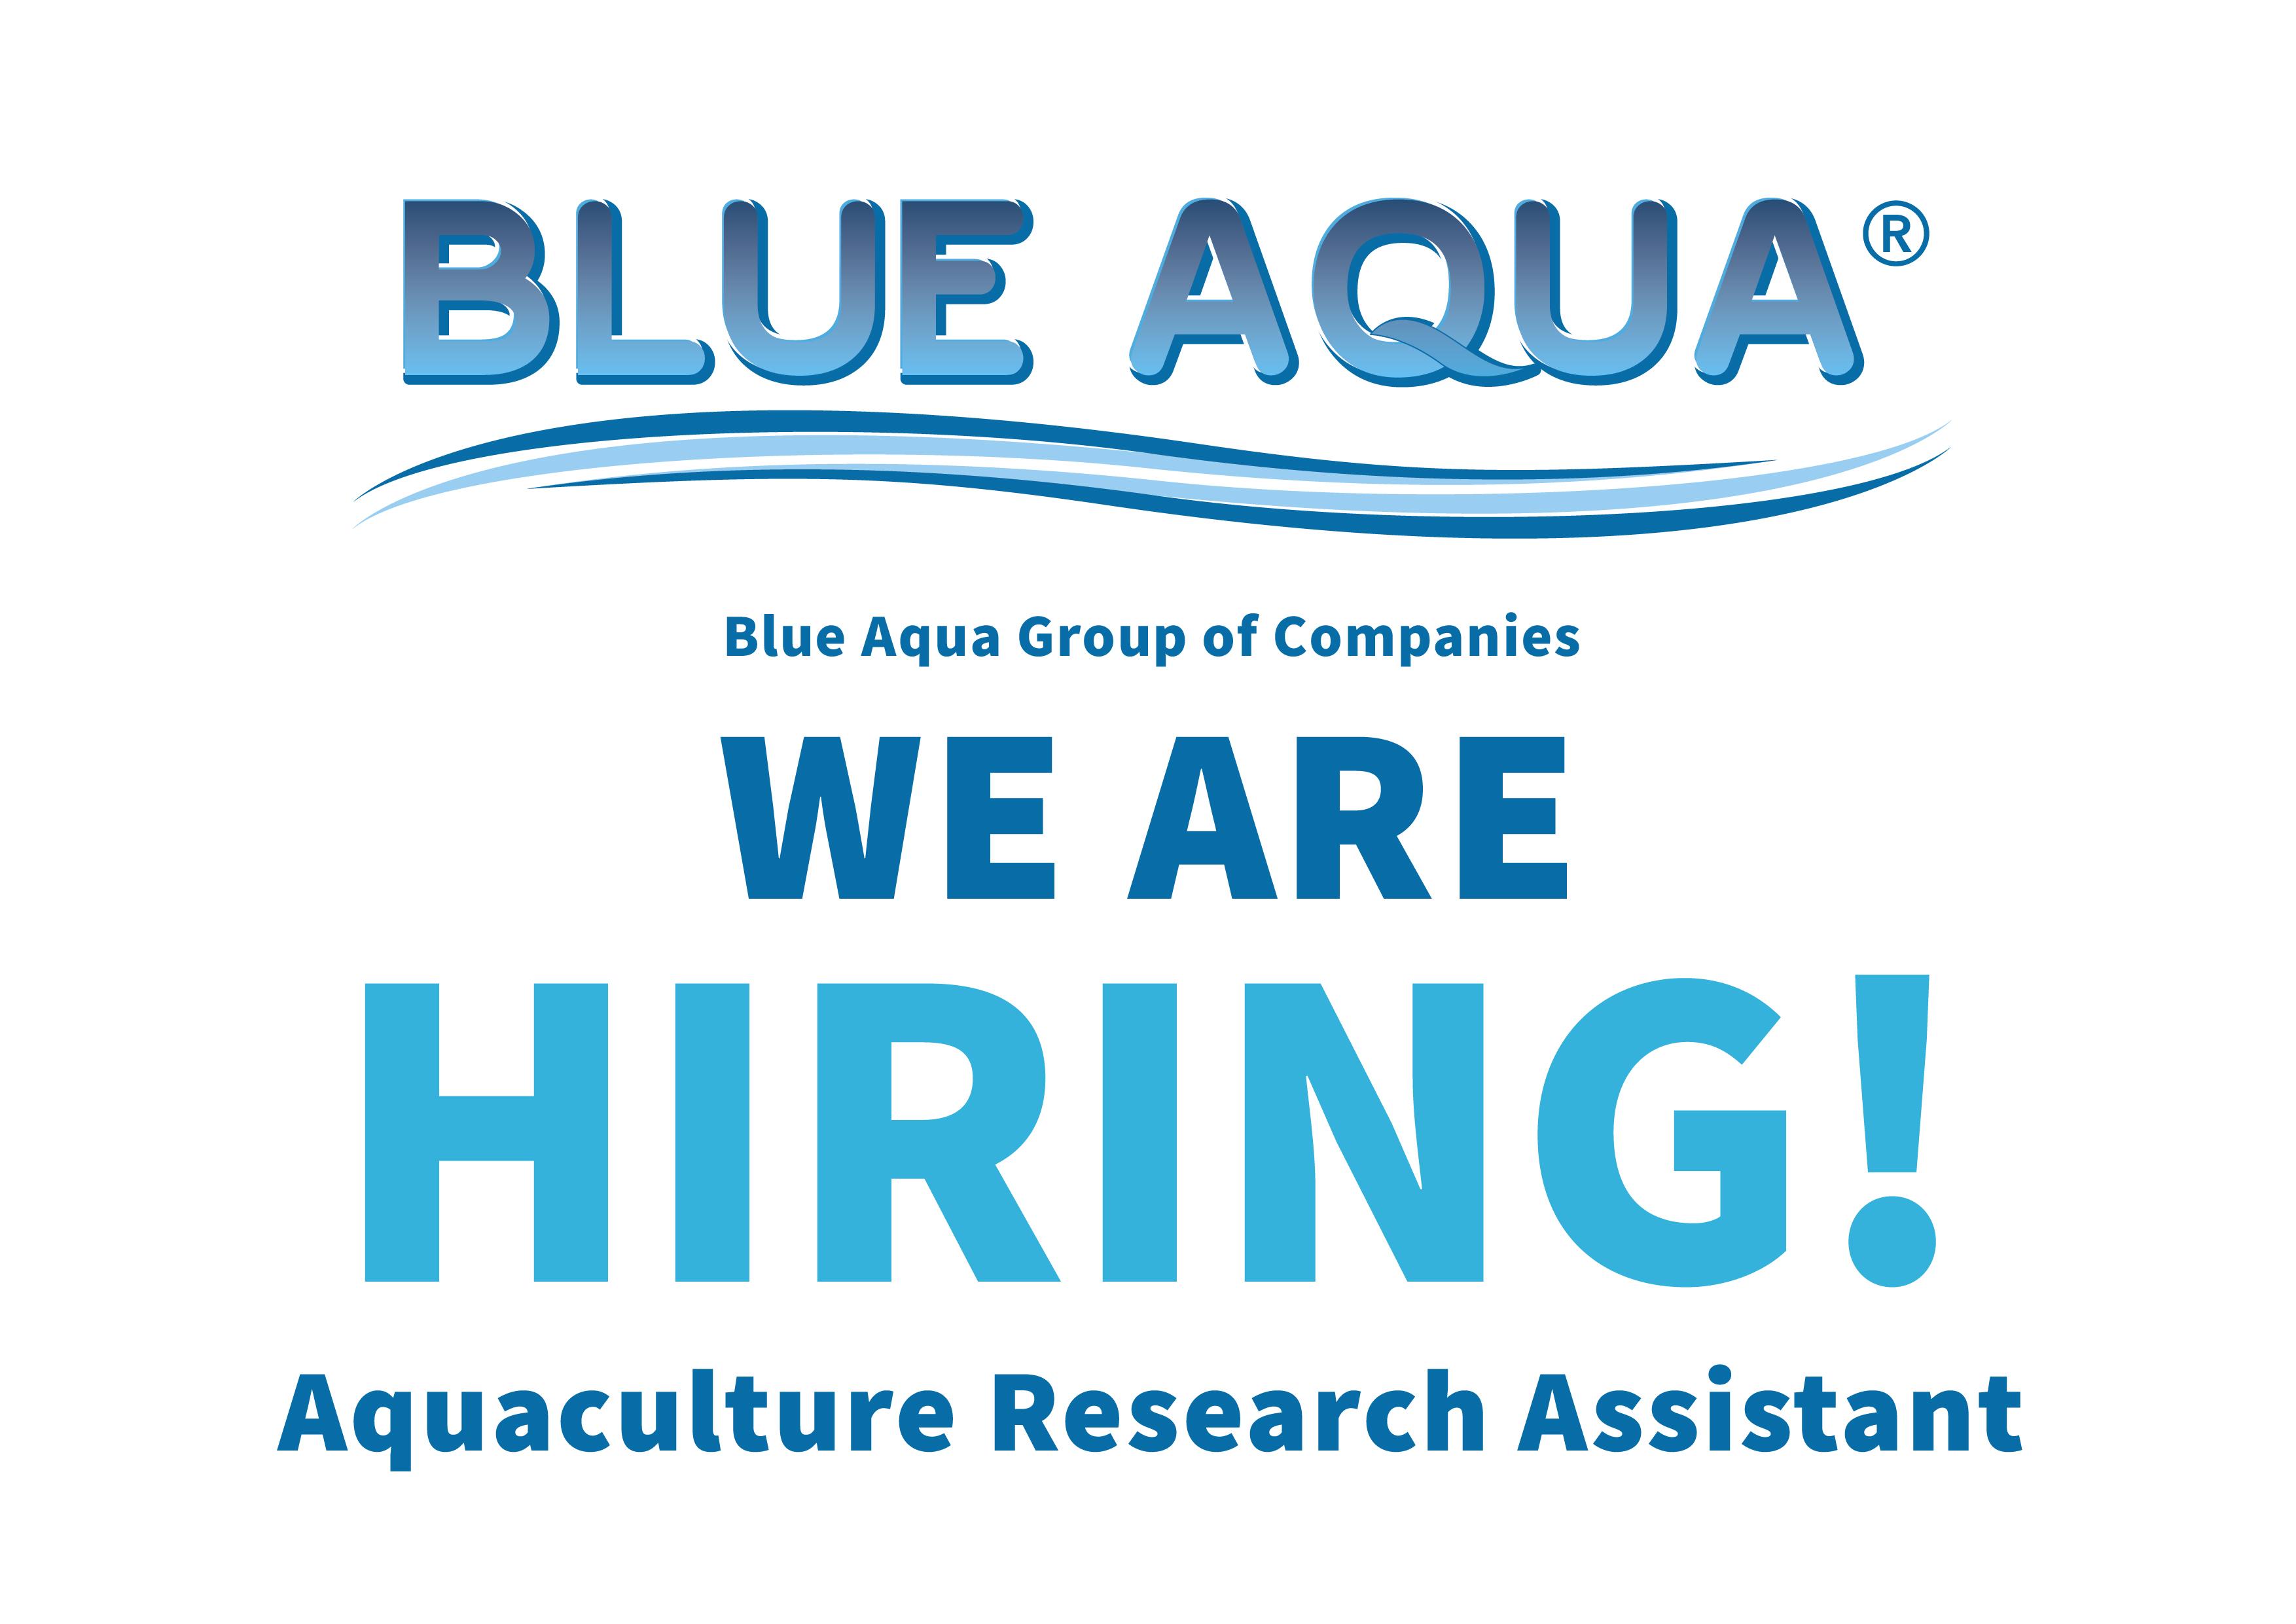 Aquaculture Research Assistant